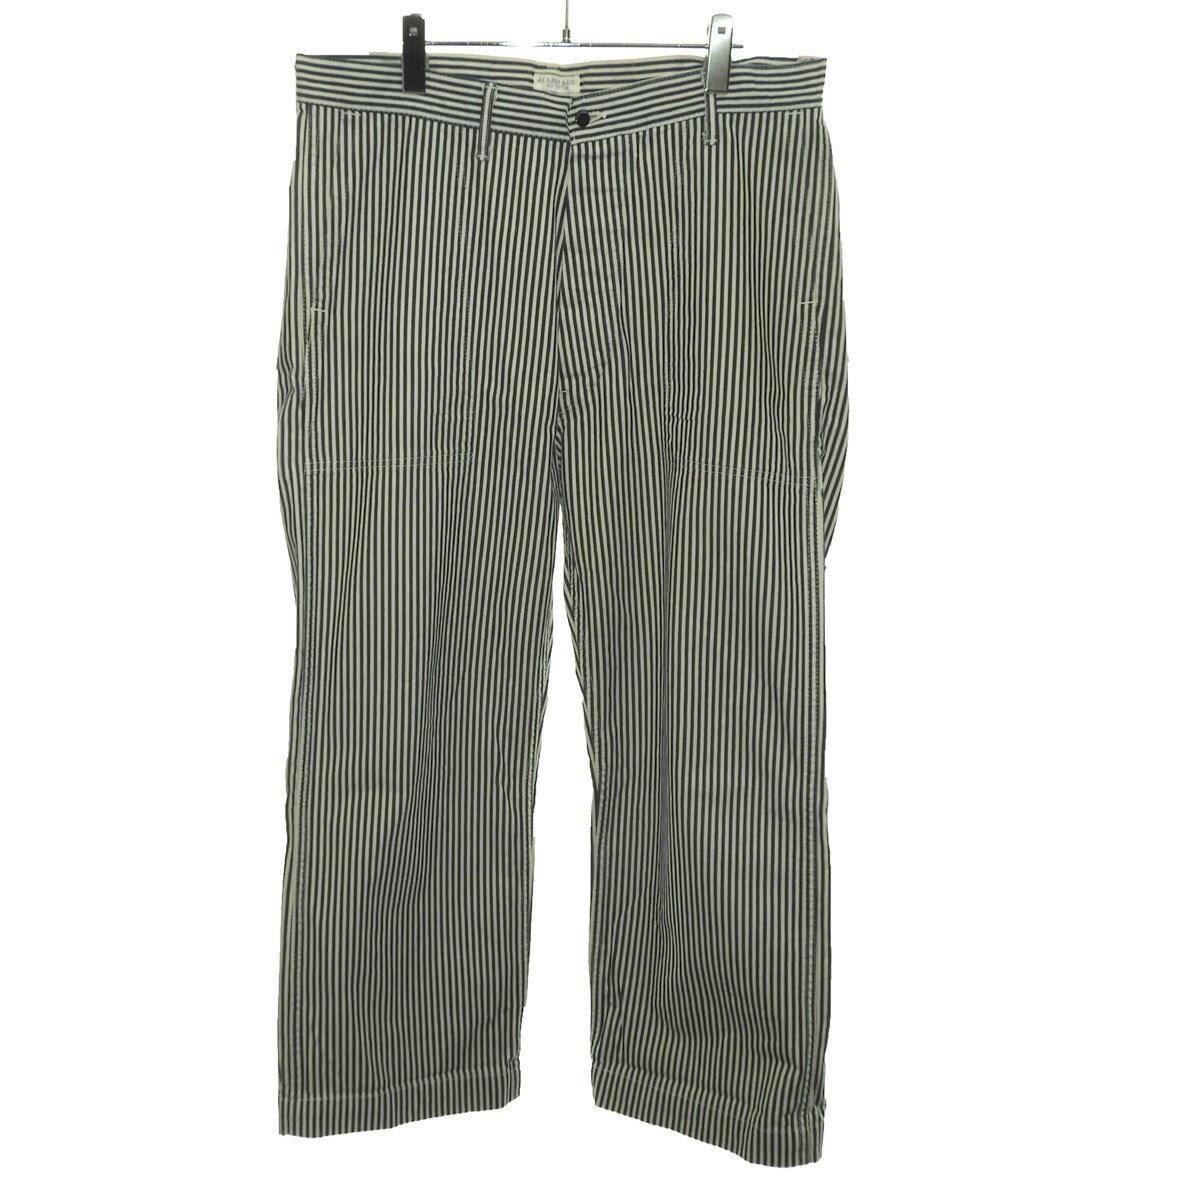 メンズファッション, ズボン・パンツ ATLAST CO 34 041119